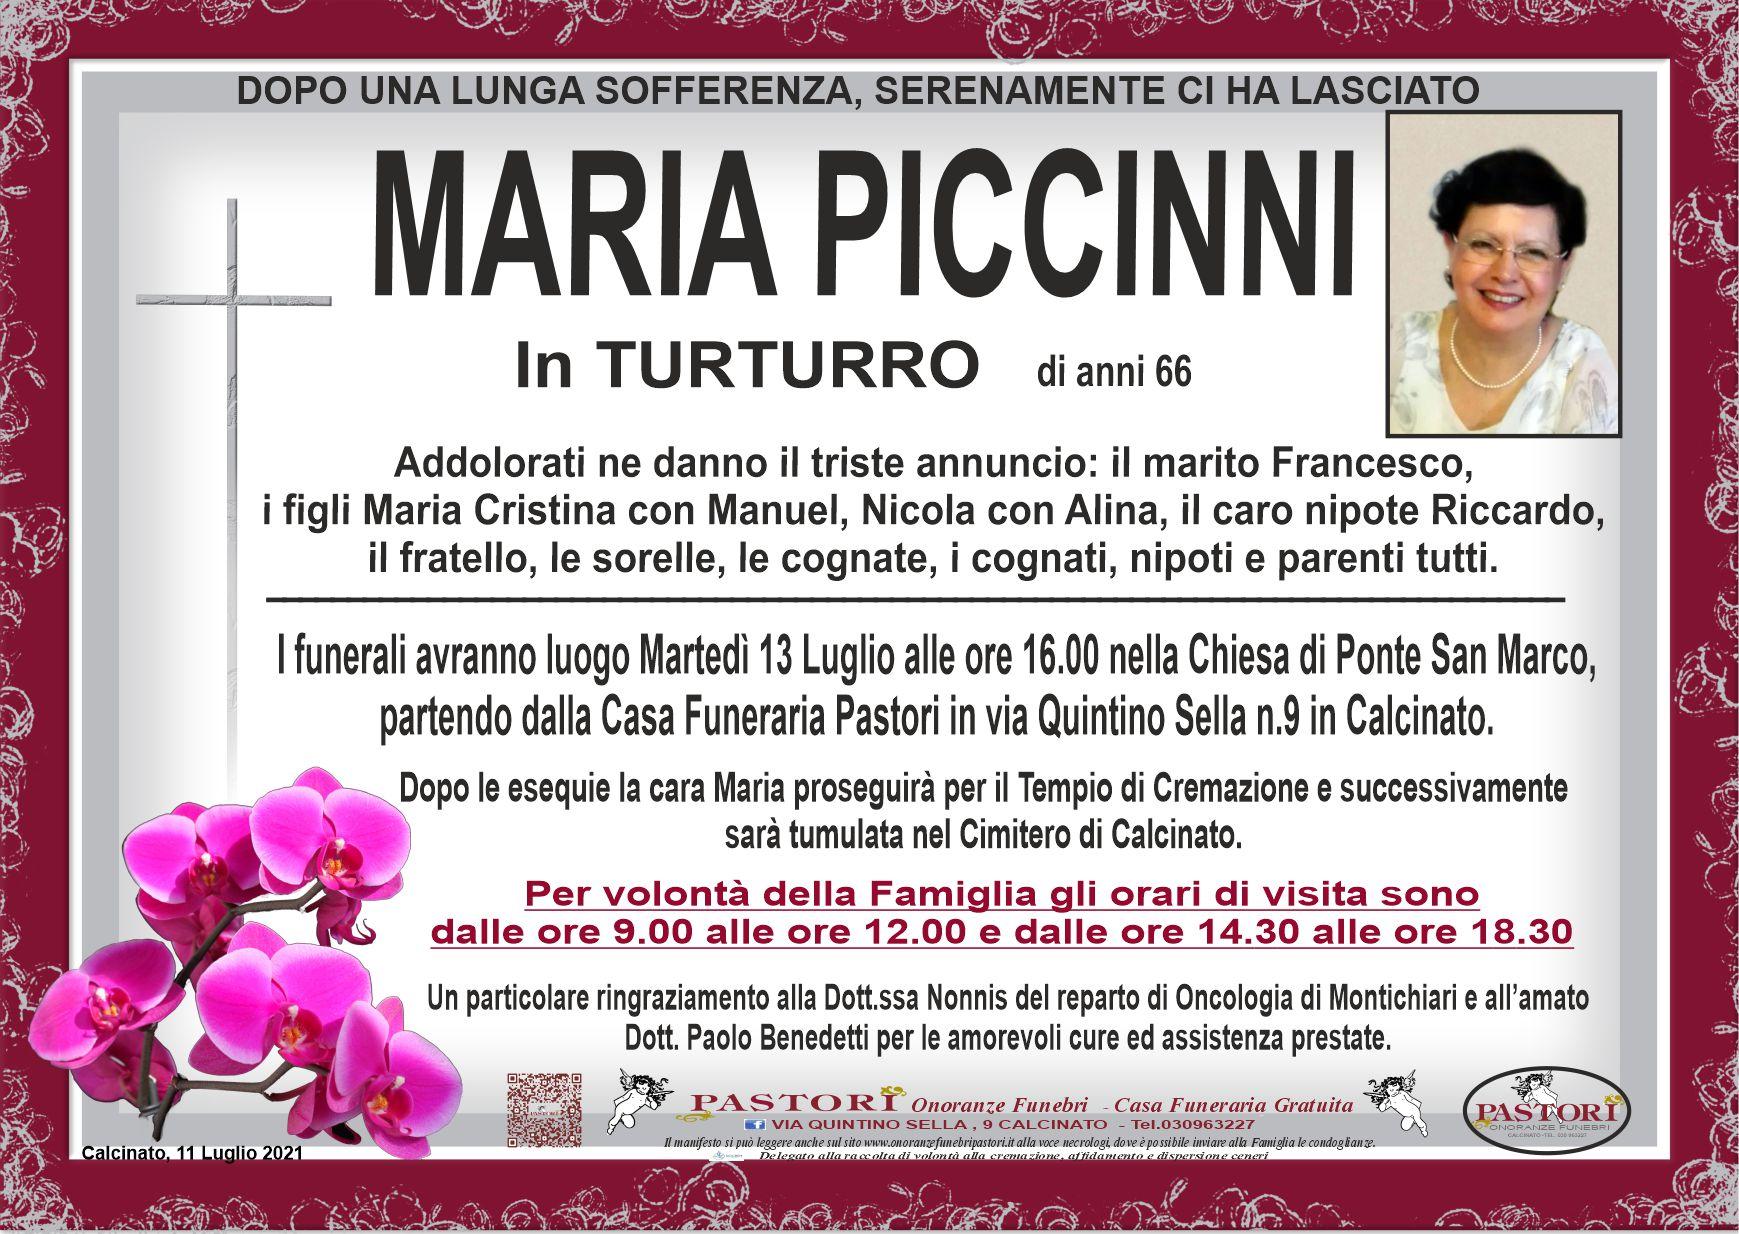 Maria Piccinni